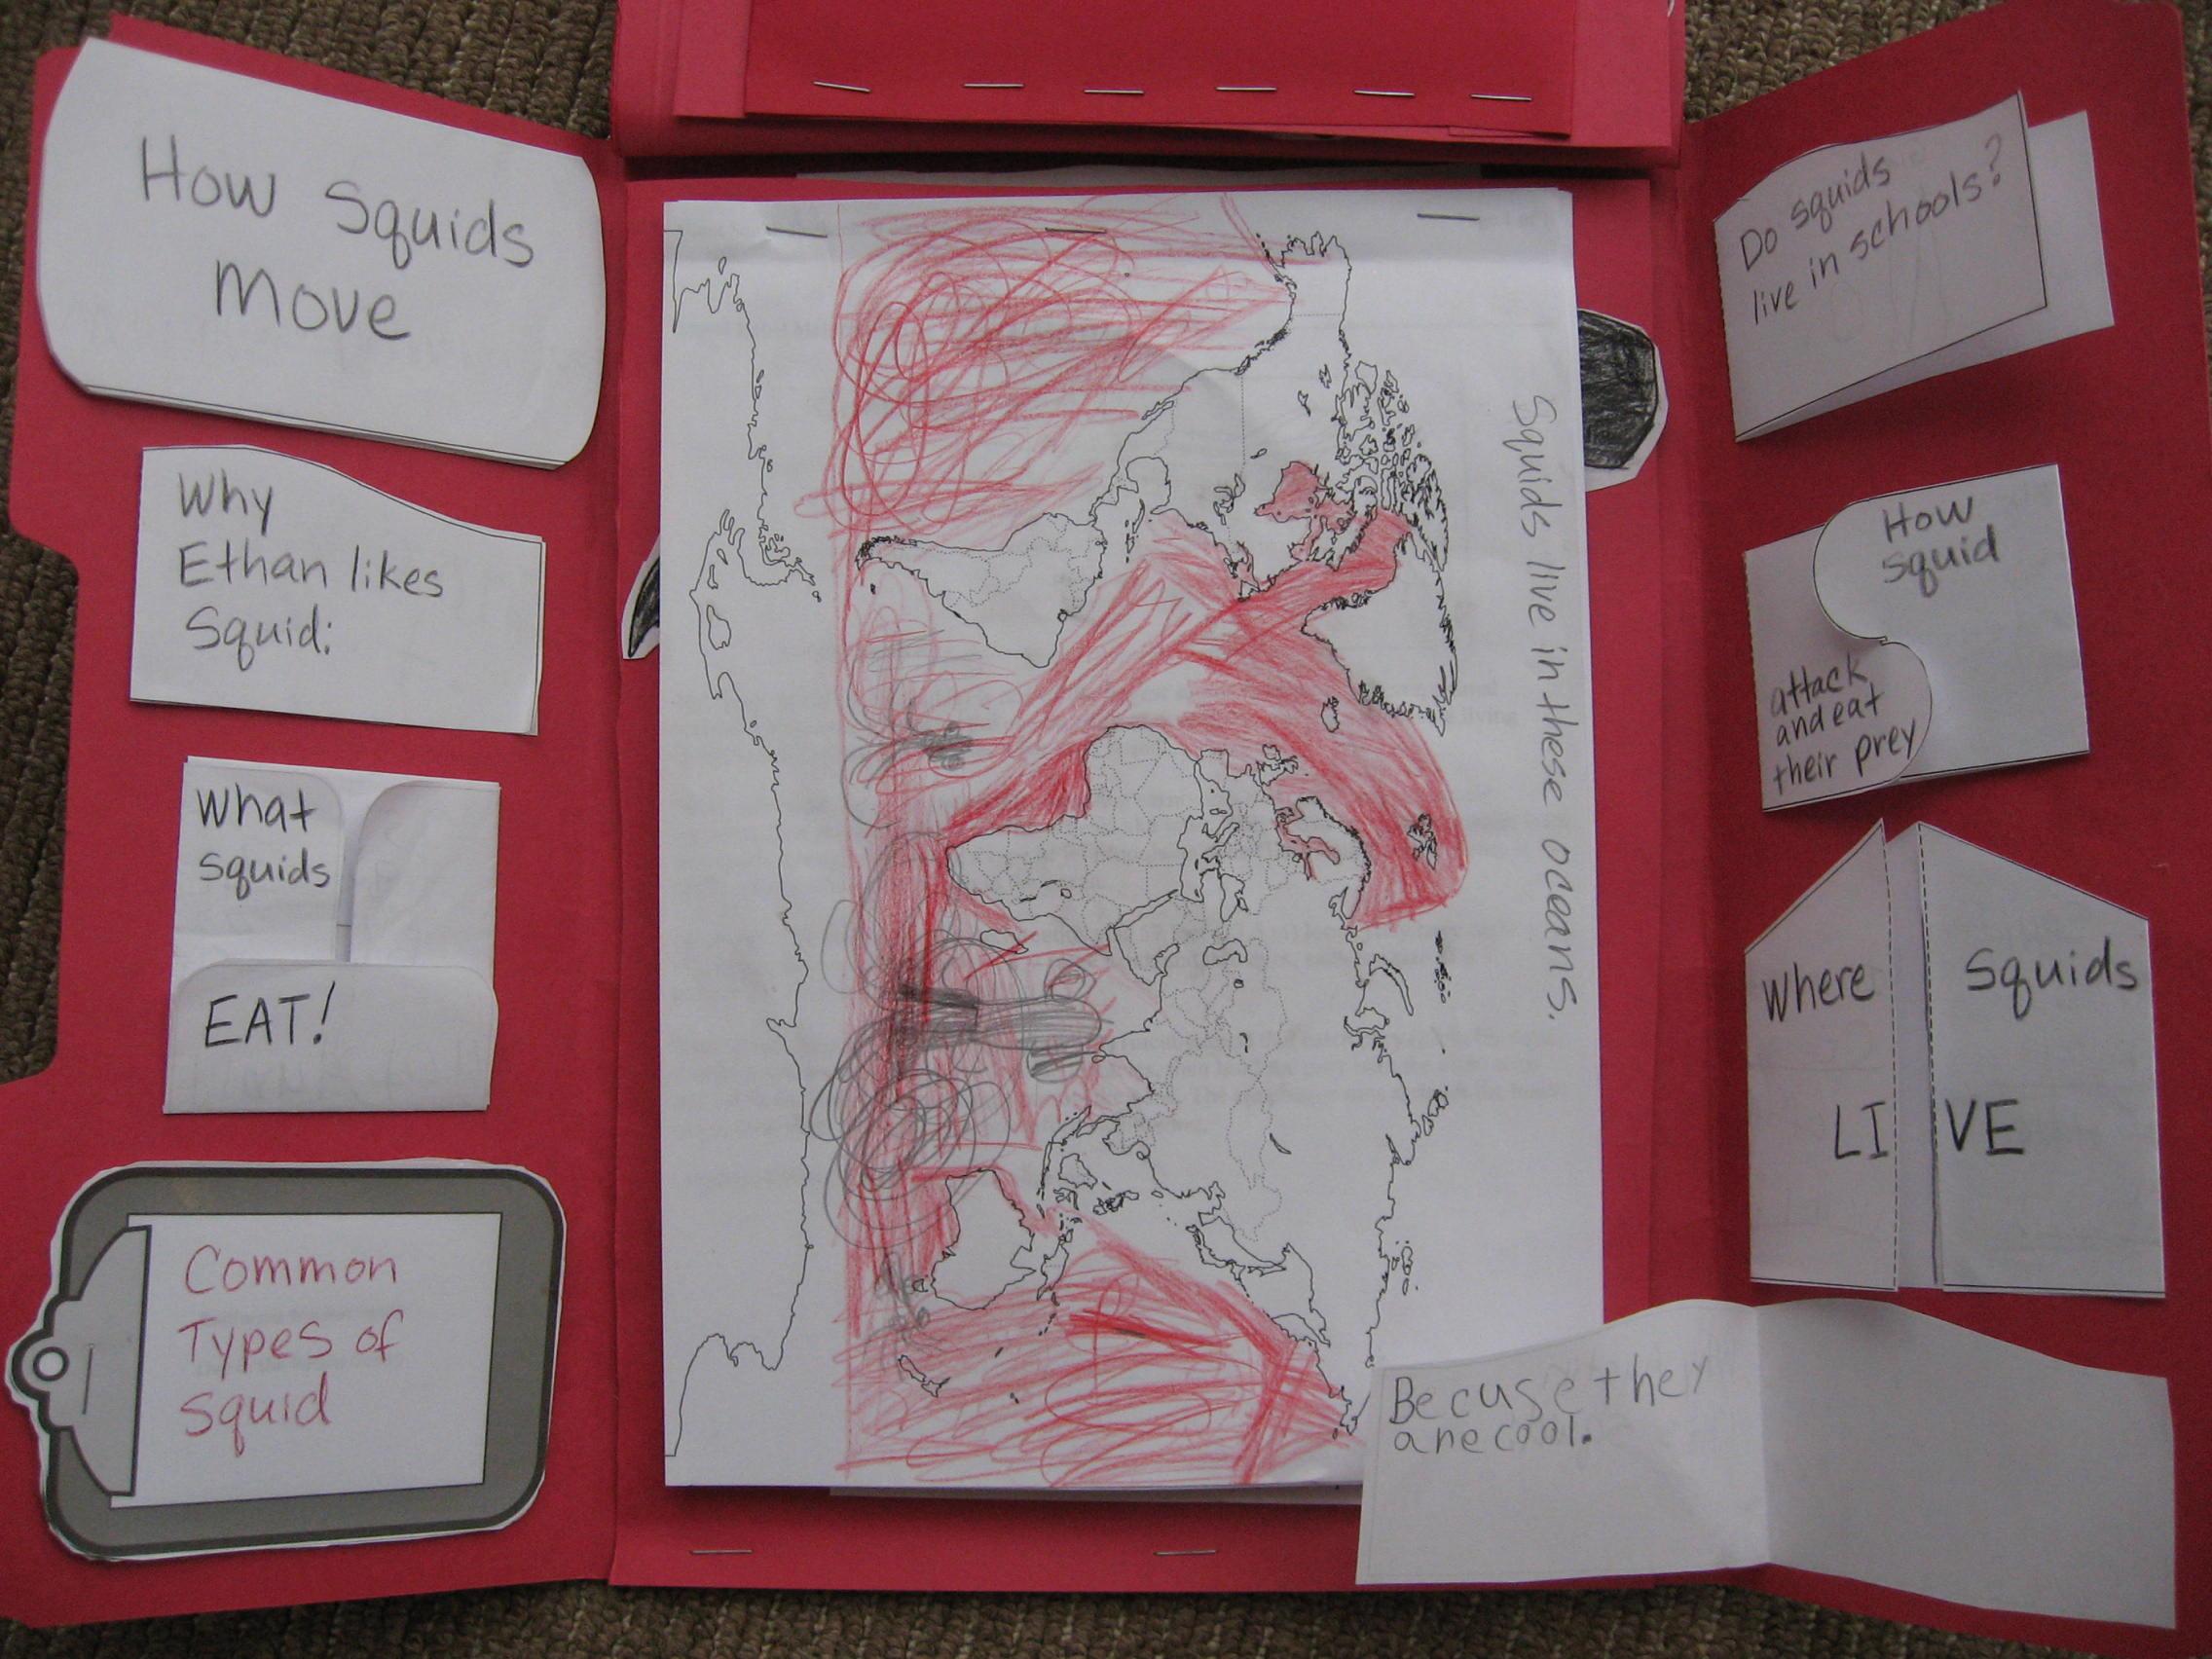 Squid Lapbook | Precious Treasures